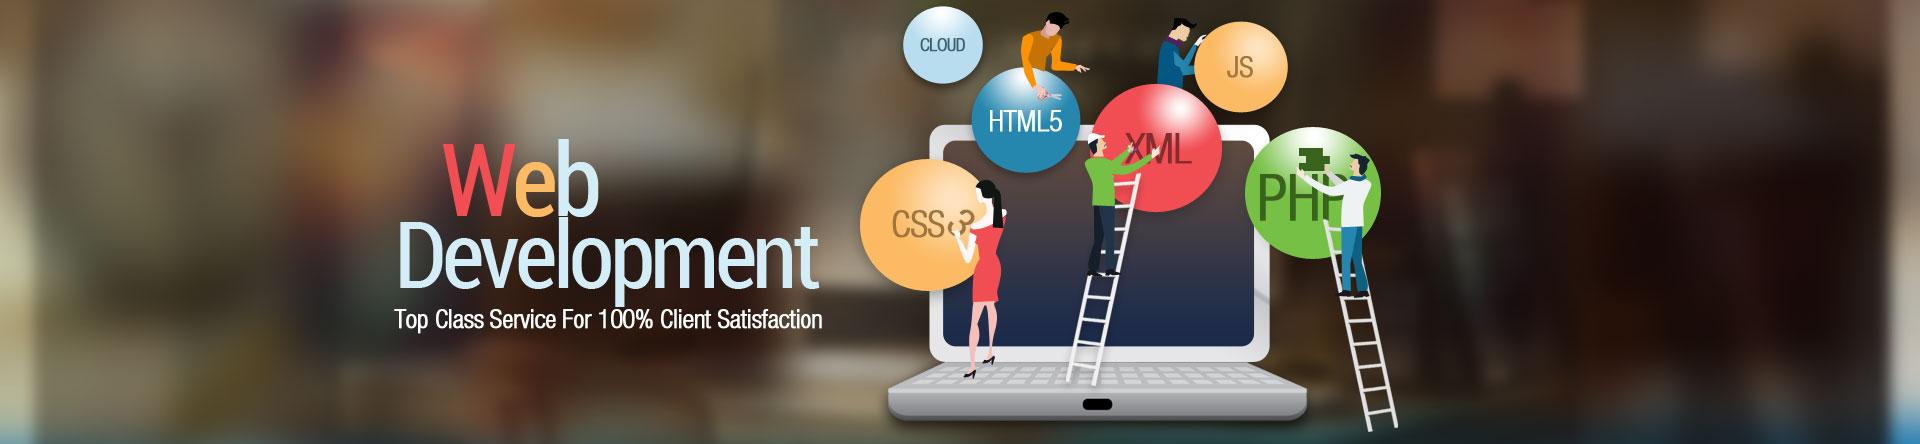 xweb_development_banner